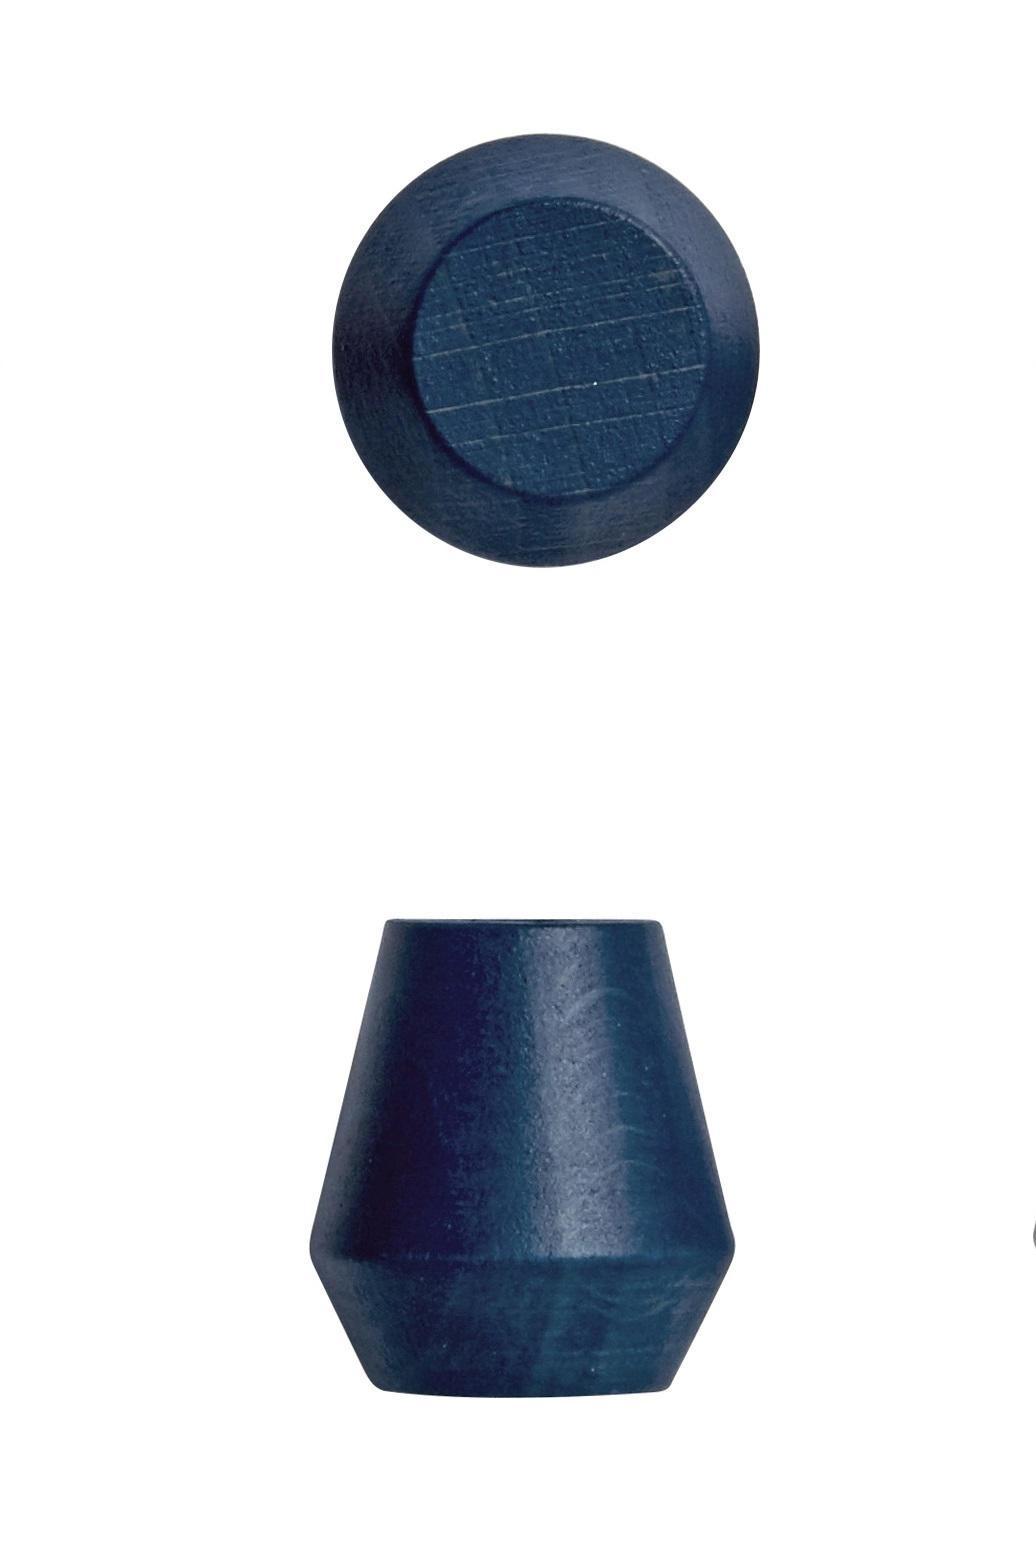 OYOY Dřevěný háček Saki Dark blue - 2 ks, modrá barva, dřevo